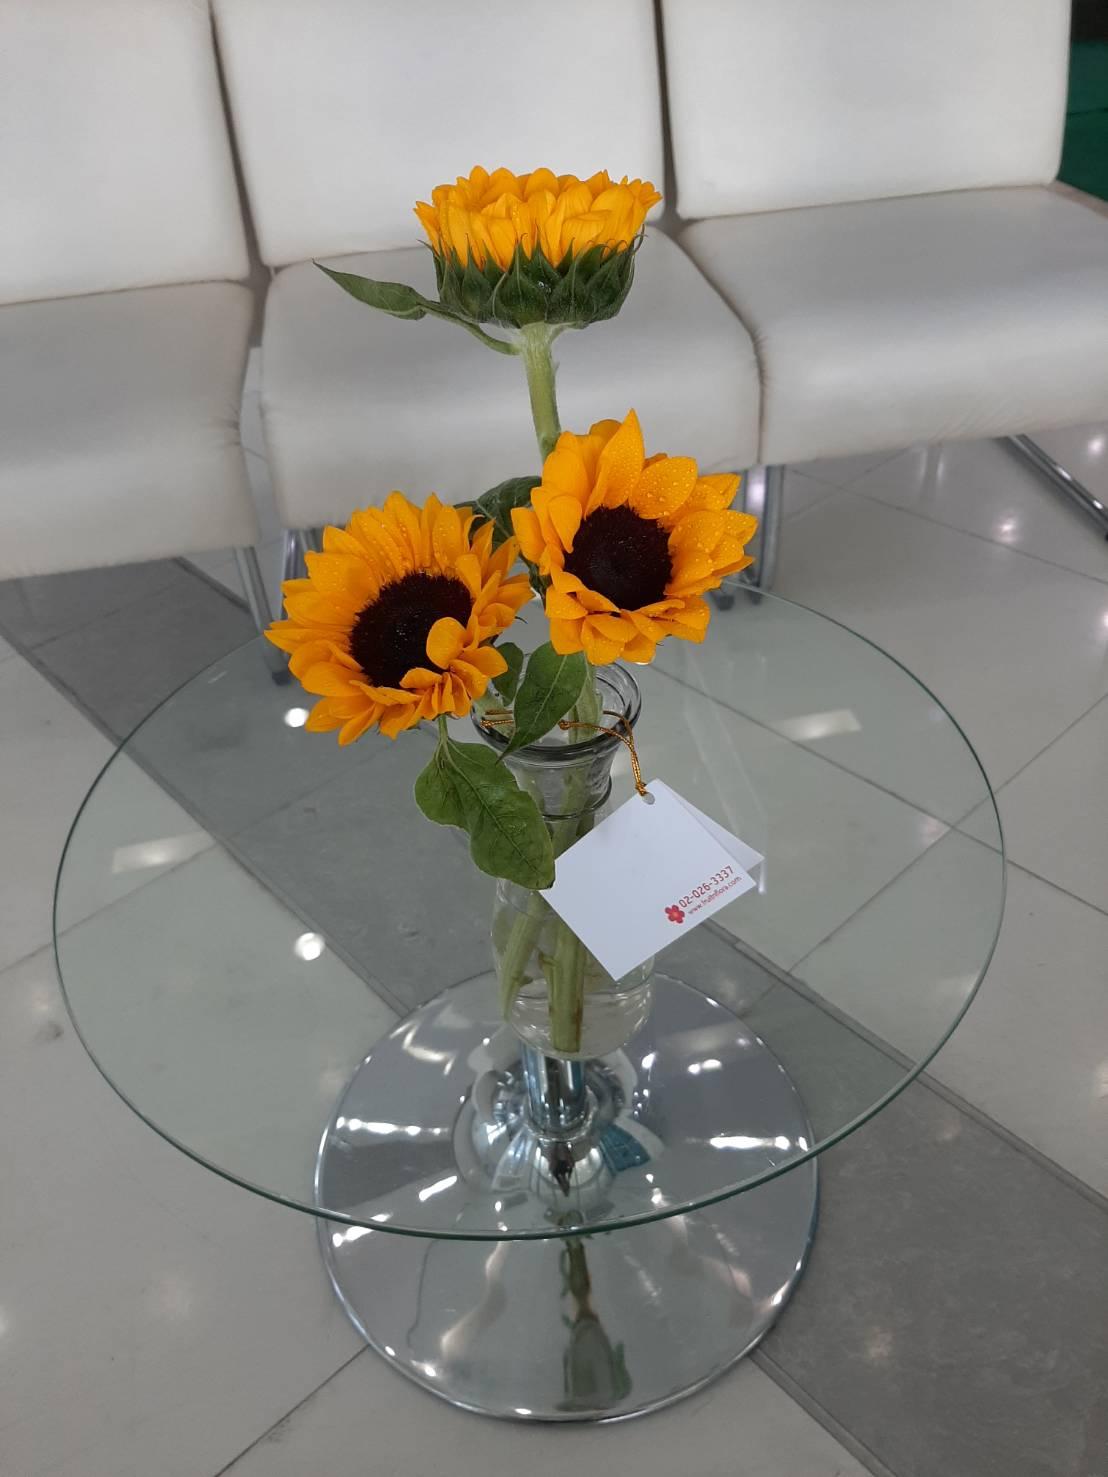 ดอกทานตะวันสีเหลืองสวย ปักใส่แจกันดอกไม้ทรงเก๋ เข้ากันจริง ๆ นะคะ